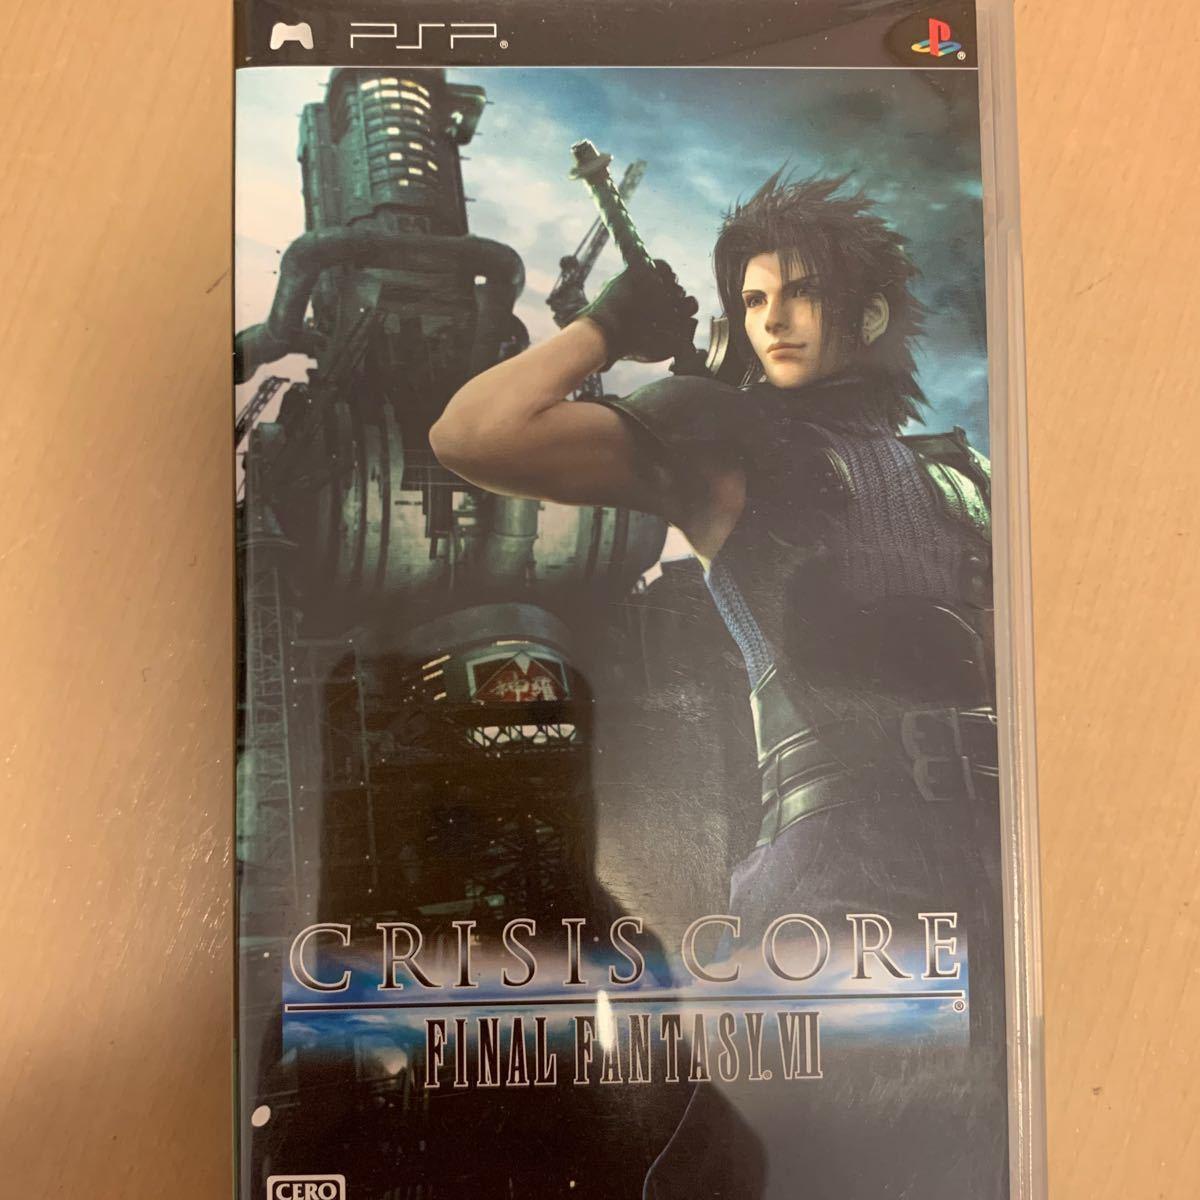 PSPソフト ファイナルファンタジー7 クライシスコア